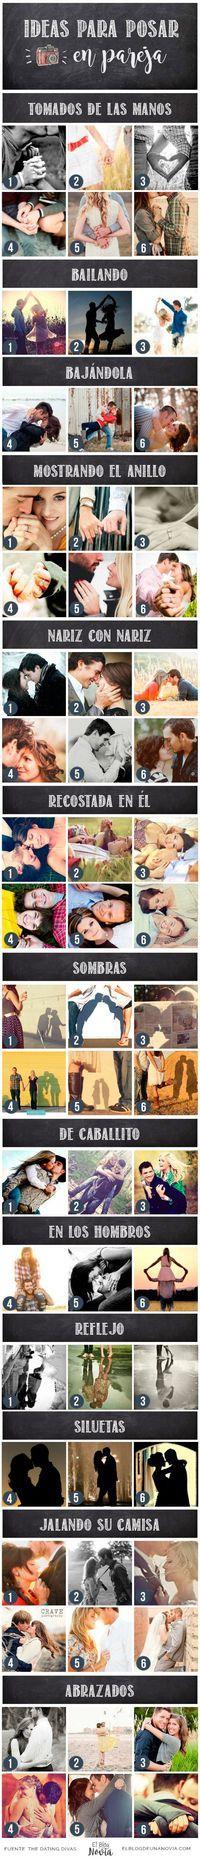 +100 Ideas para sesión de fotos en pareja   El Blog de una Novia                                                                                                                                                      Más